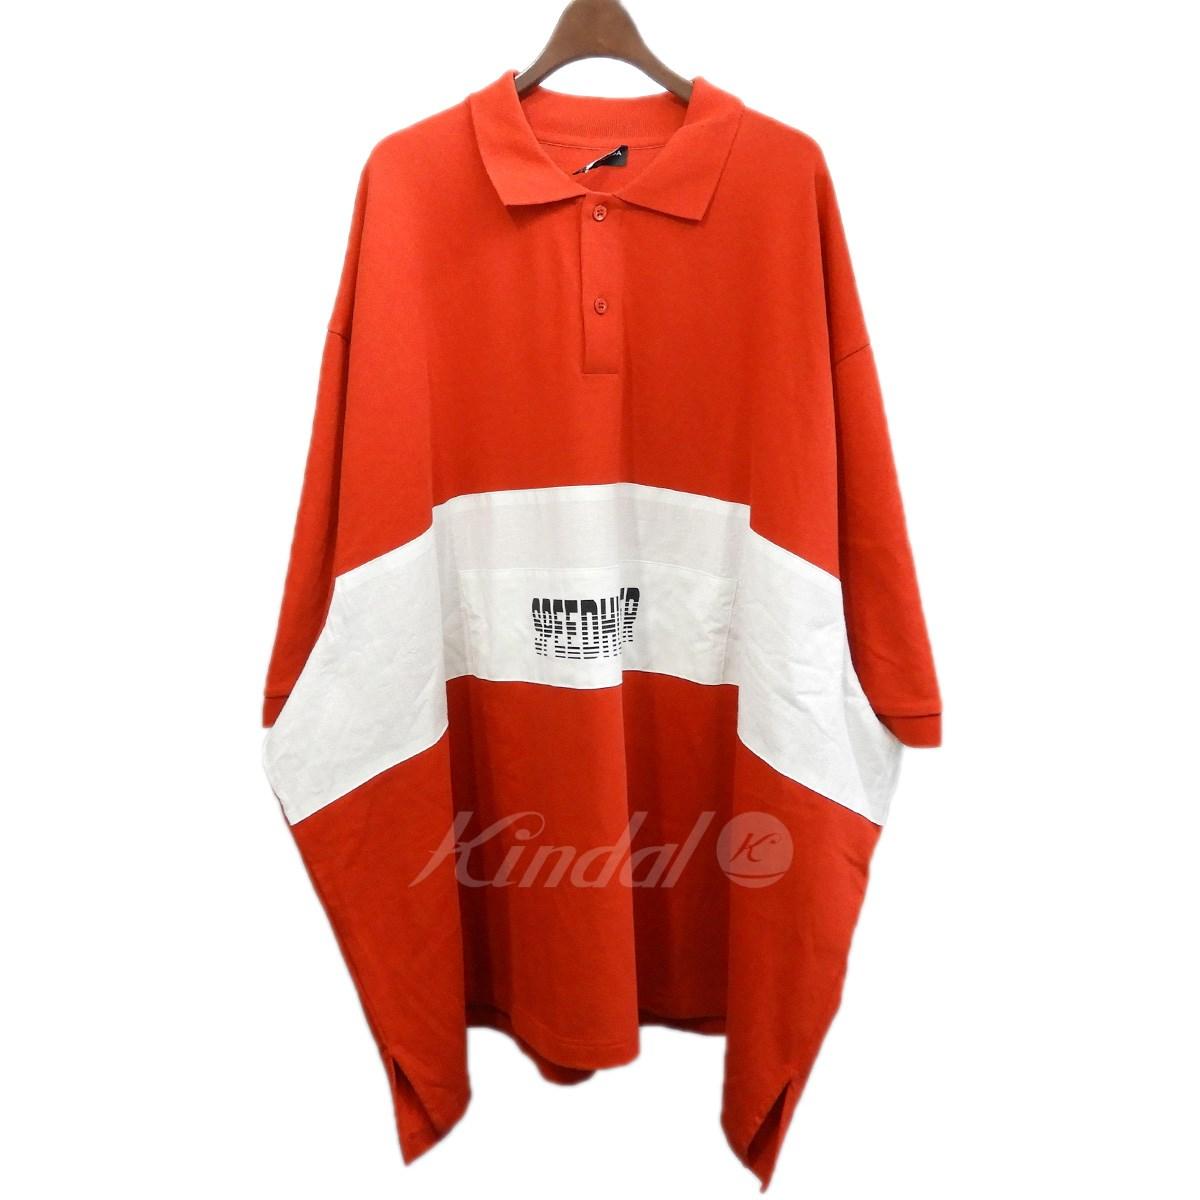 【中古】BALENCIAGA 2018SS SPEED HUNTERポロシャツ レッド サイズ:L 【020619】(バレンシアガ)